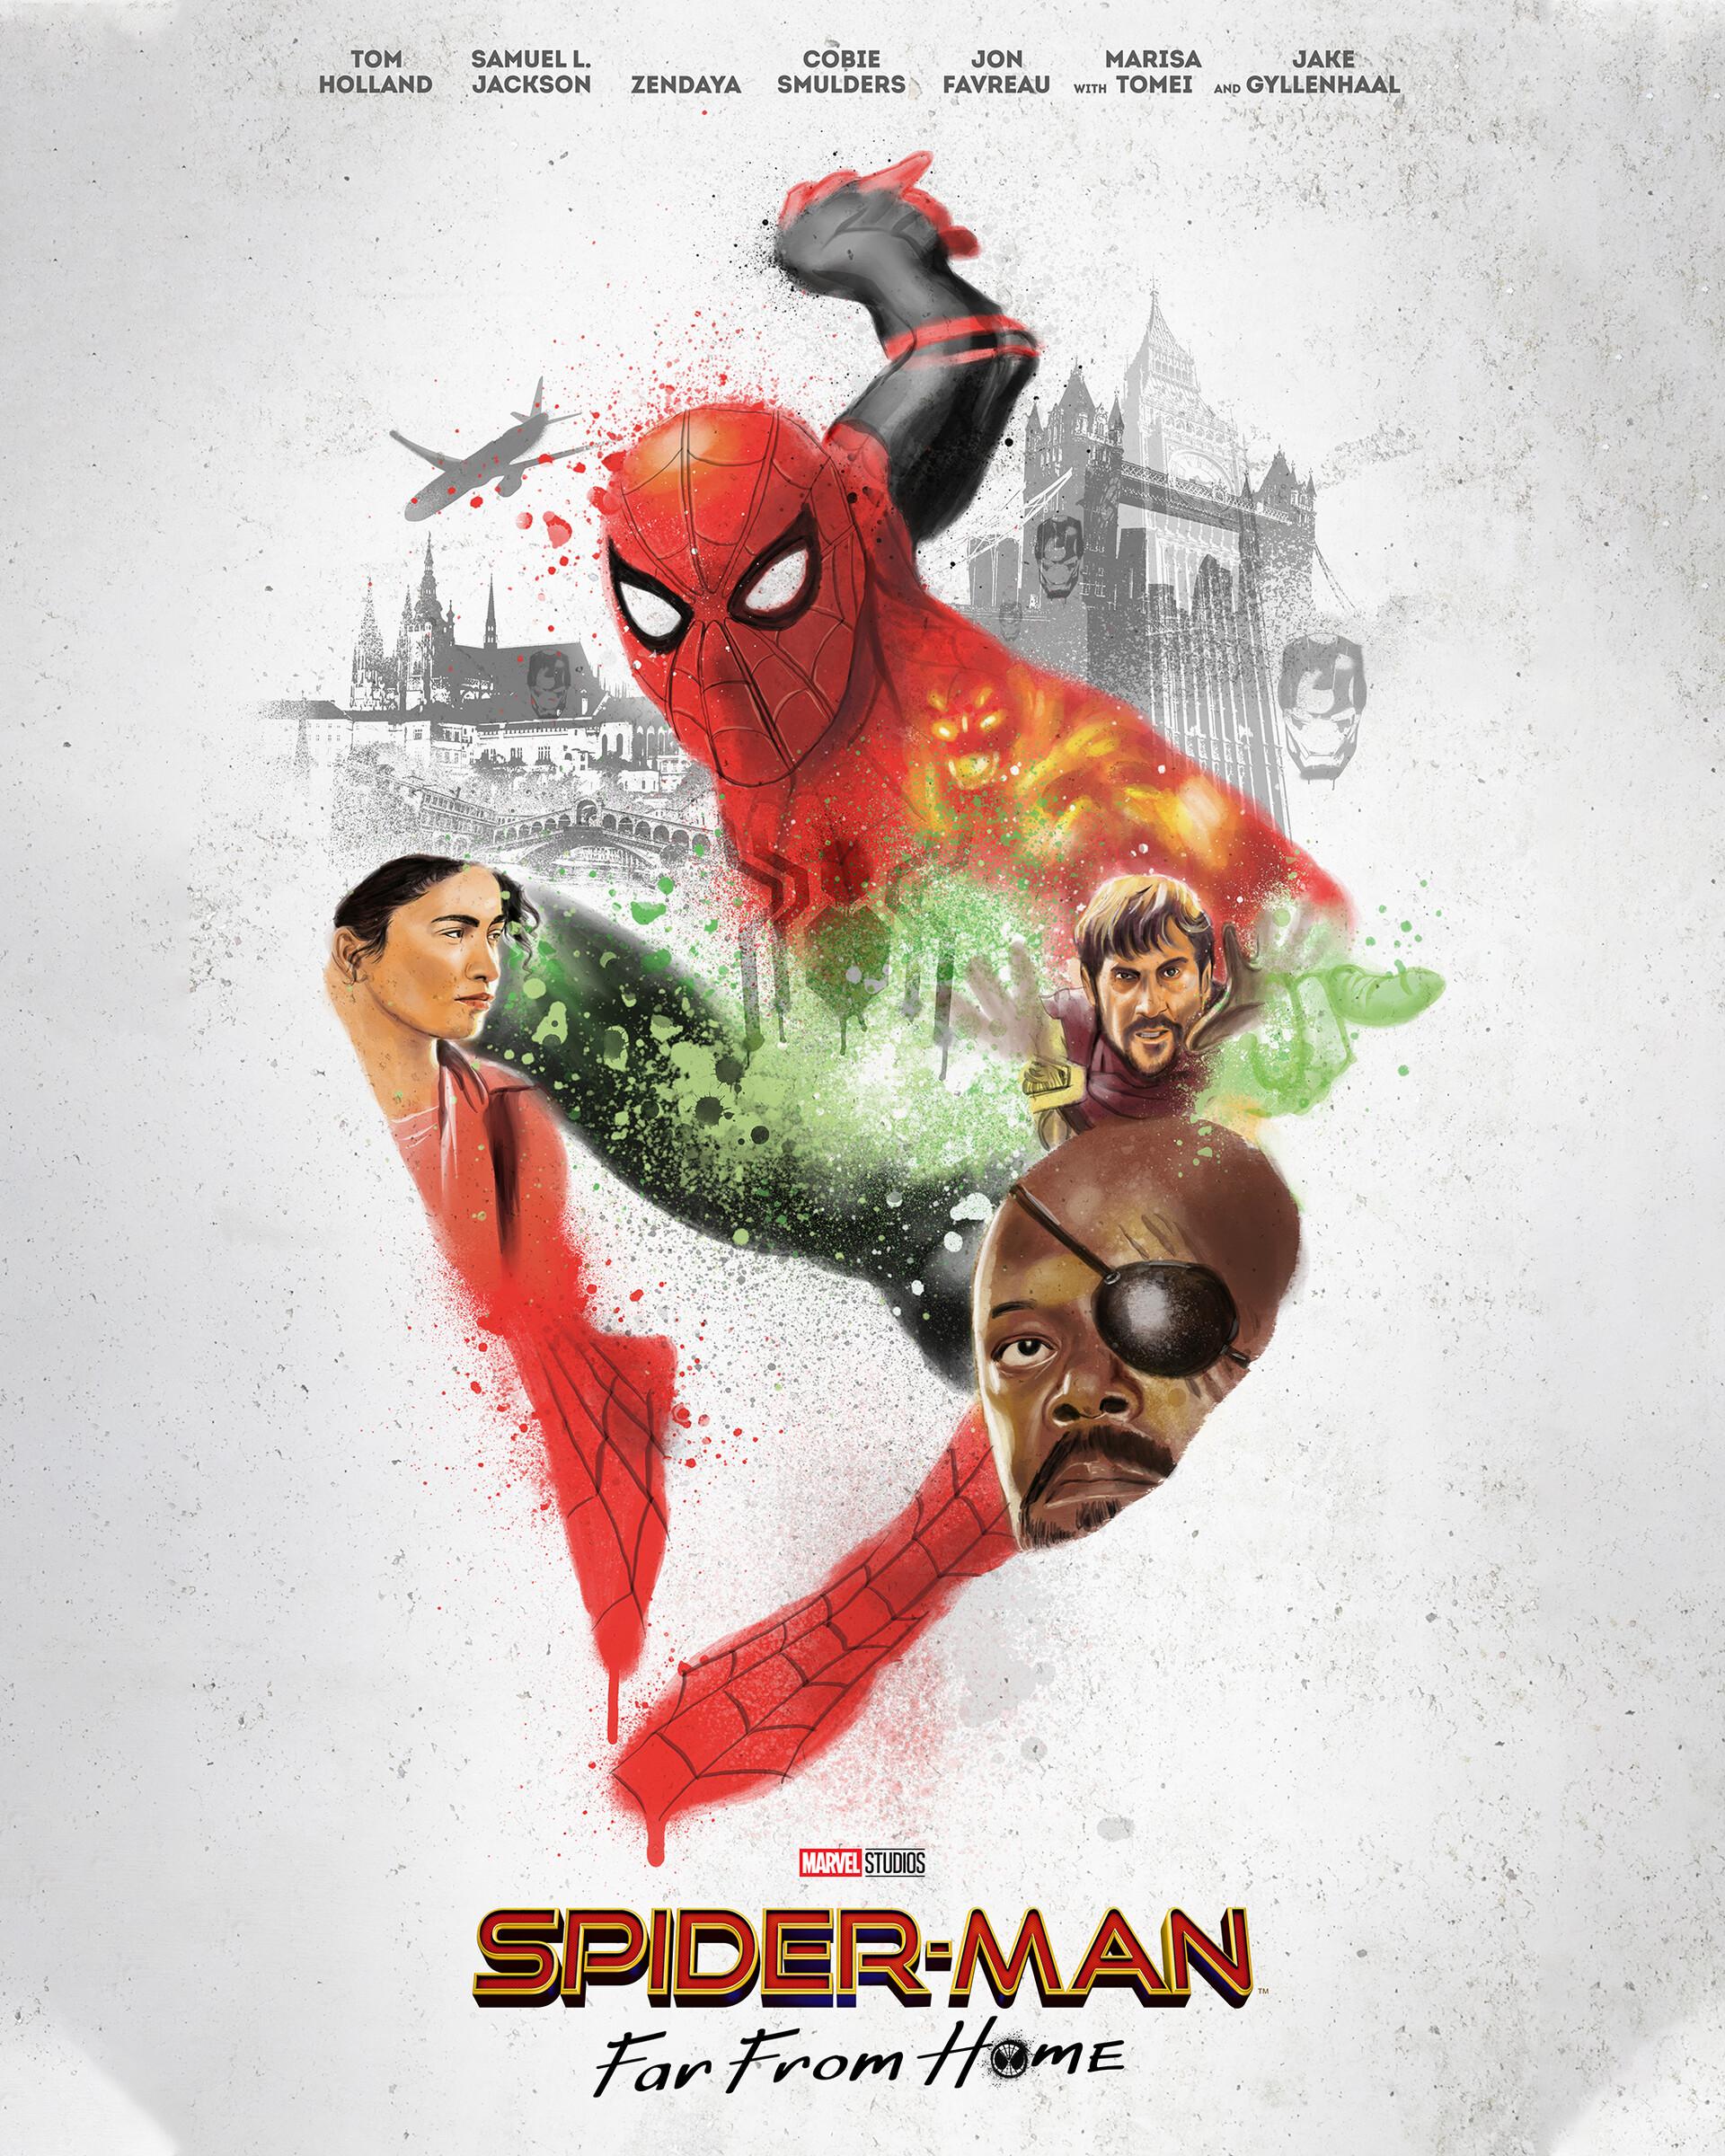 Artstation Alternative Movie Poster Spider Man Far From